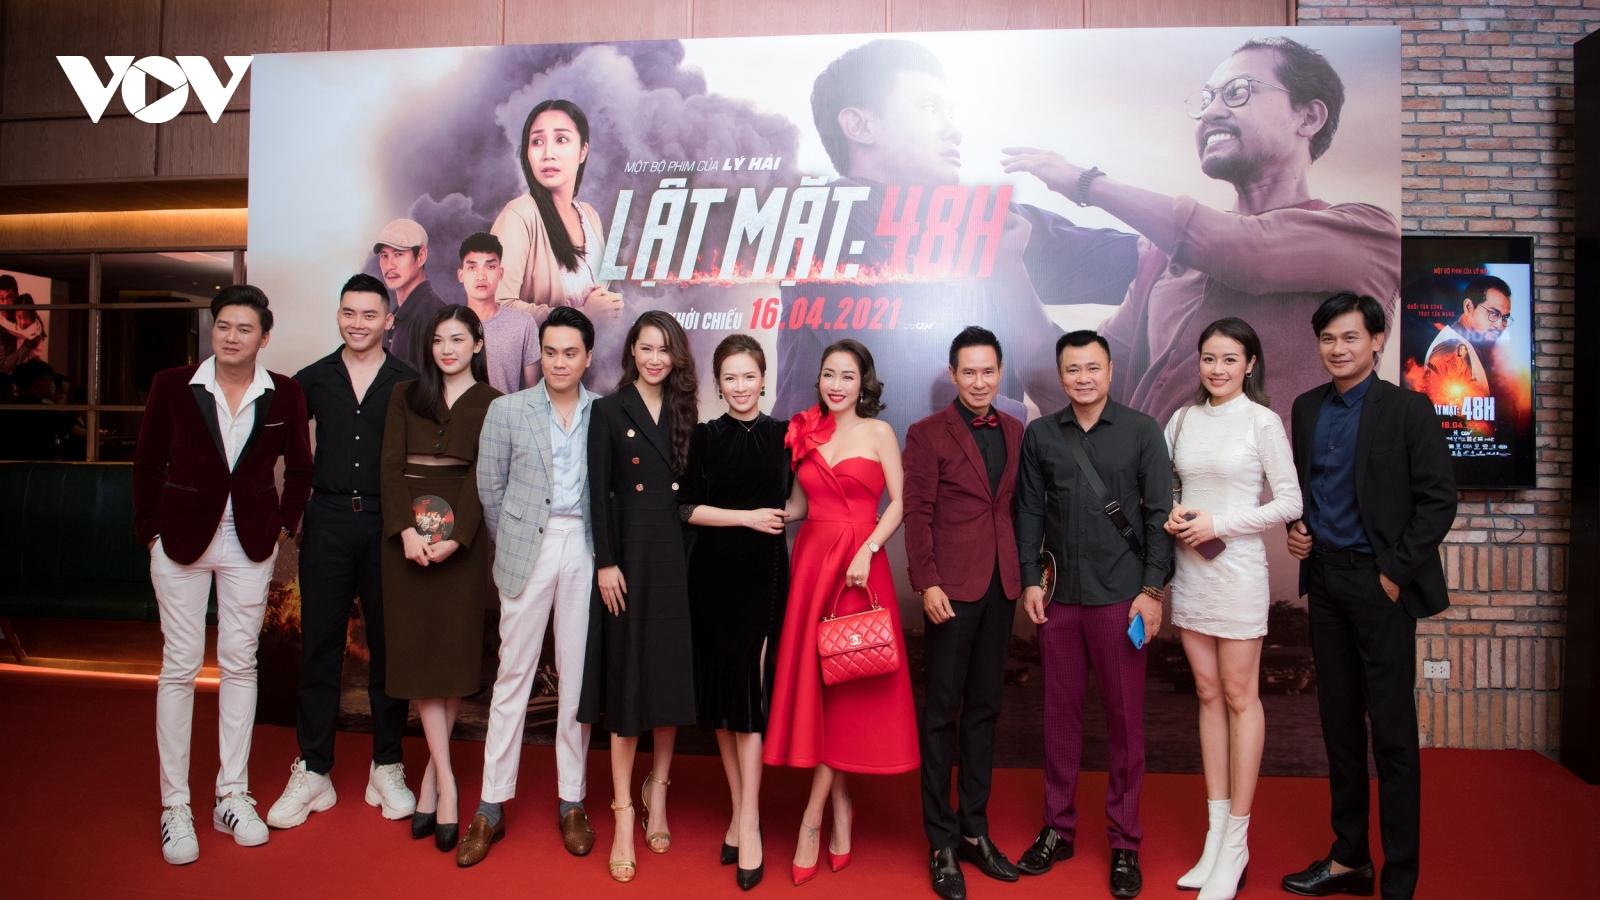 """Dàn sao nô nức đến ủng hộ phim """"Lật mặt: 48H"""" tại Hà Nội"""